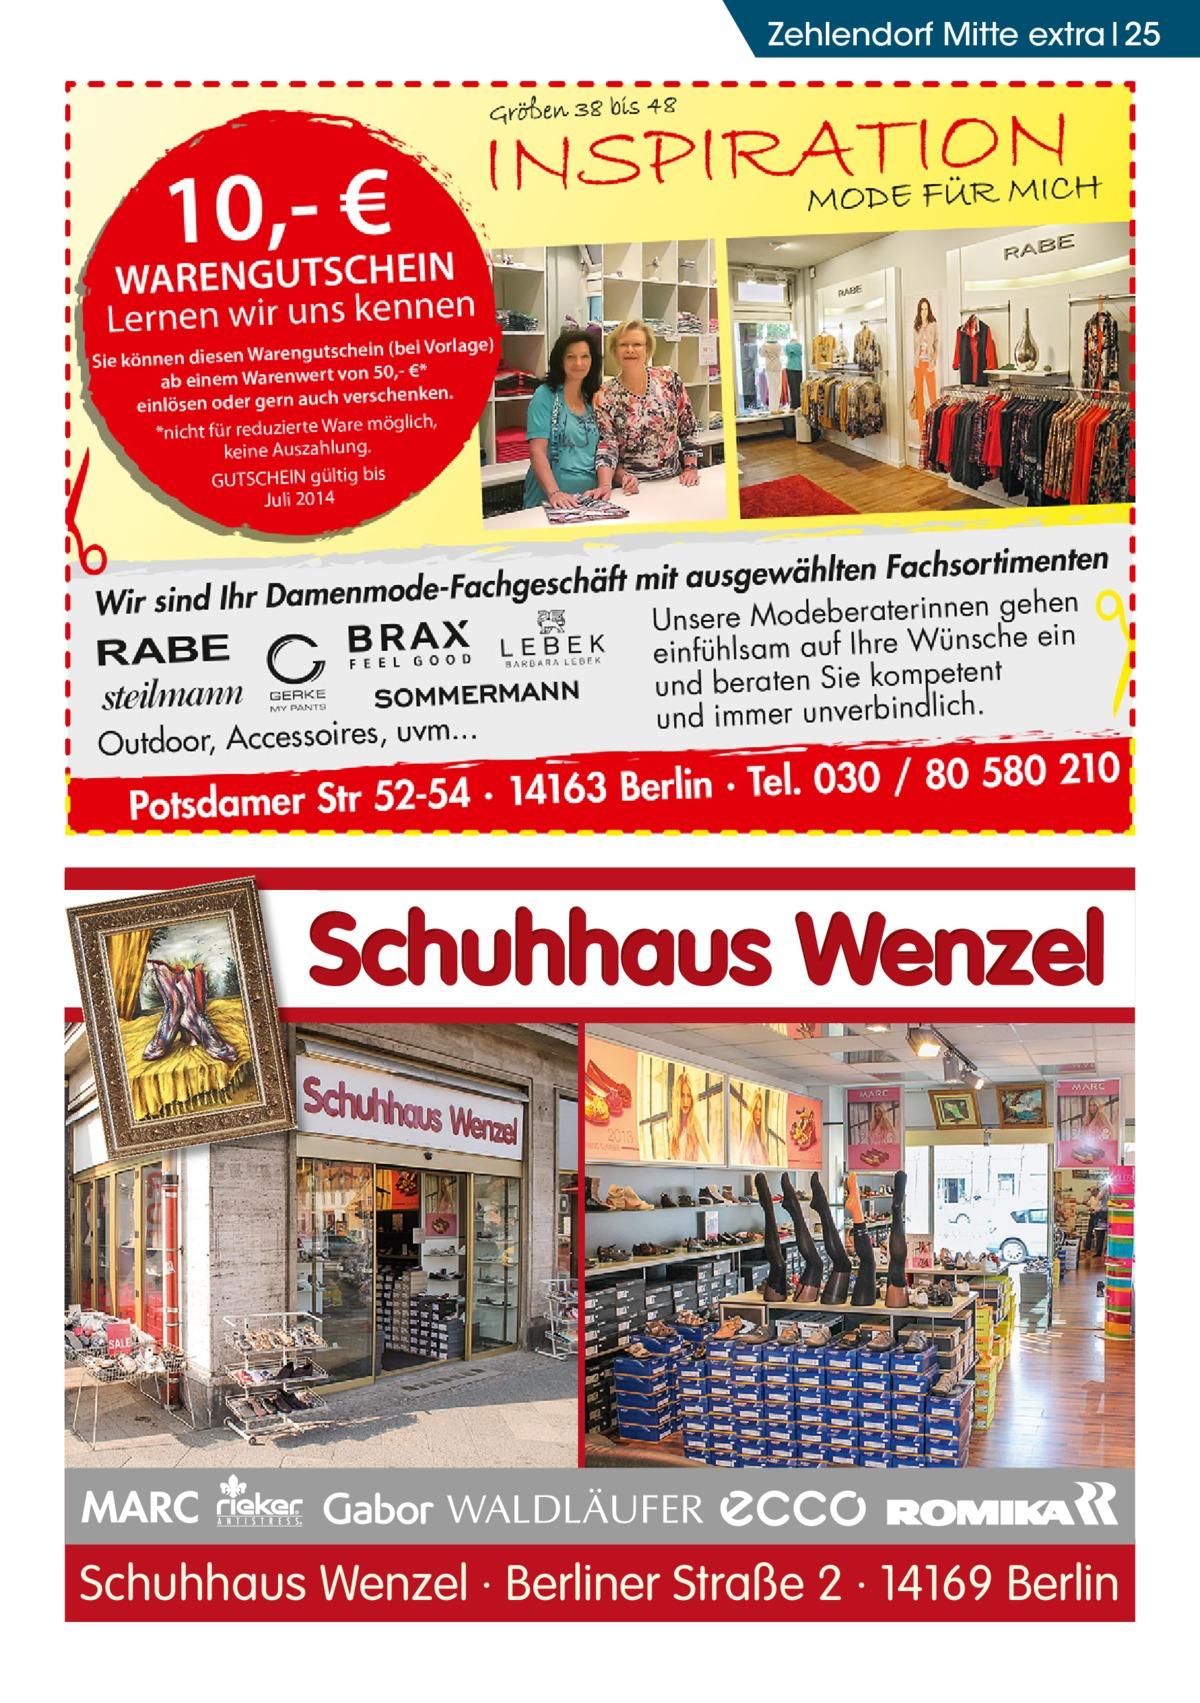 Zehlendorf Mitte extra 25  MARC  Schuhhaus Wenzel · Berliner Straße 2 · 14169 Berlin